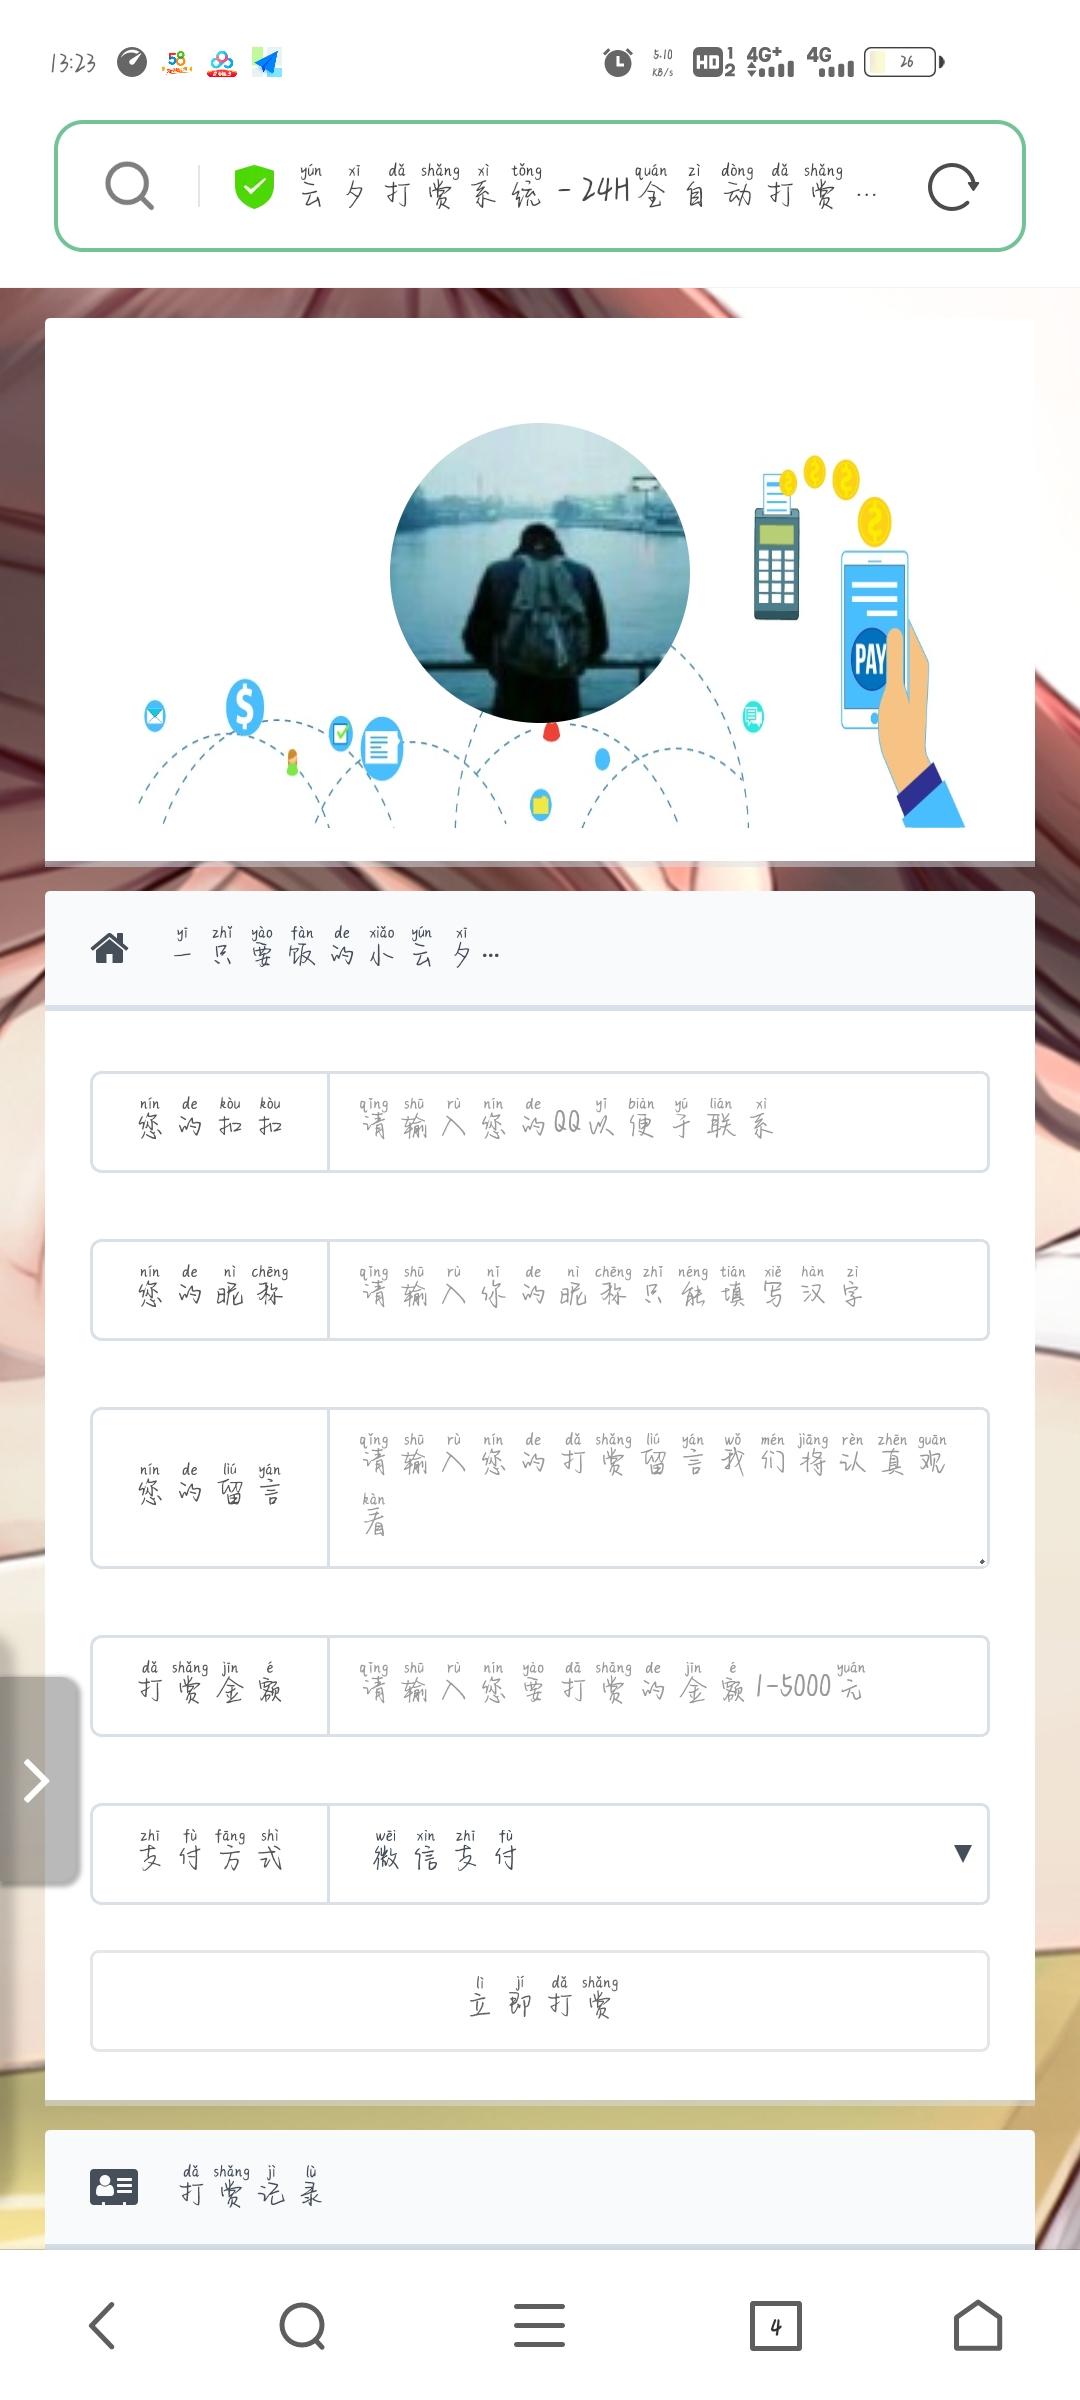 最新云夕打赏系统源码分享打赏系统图片